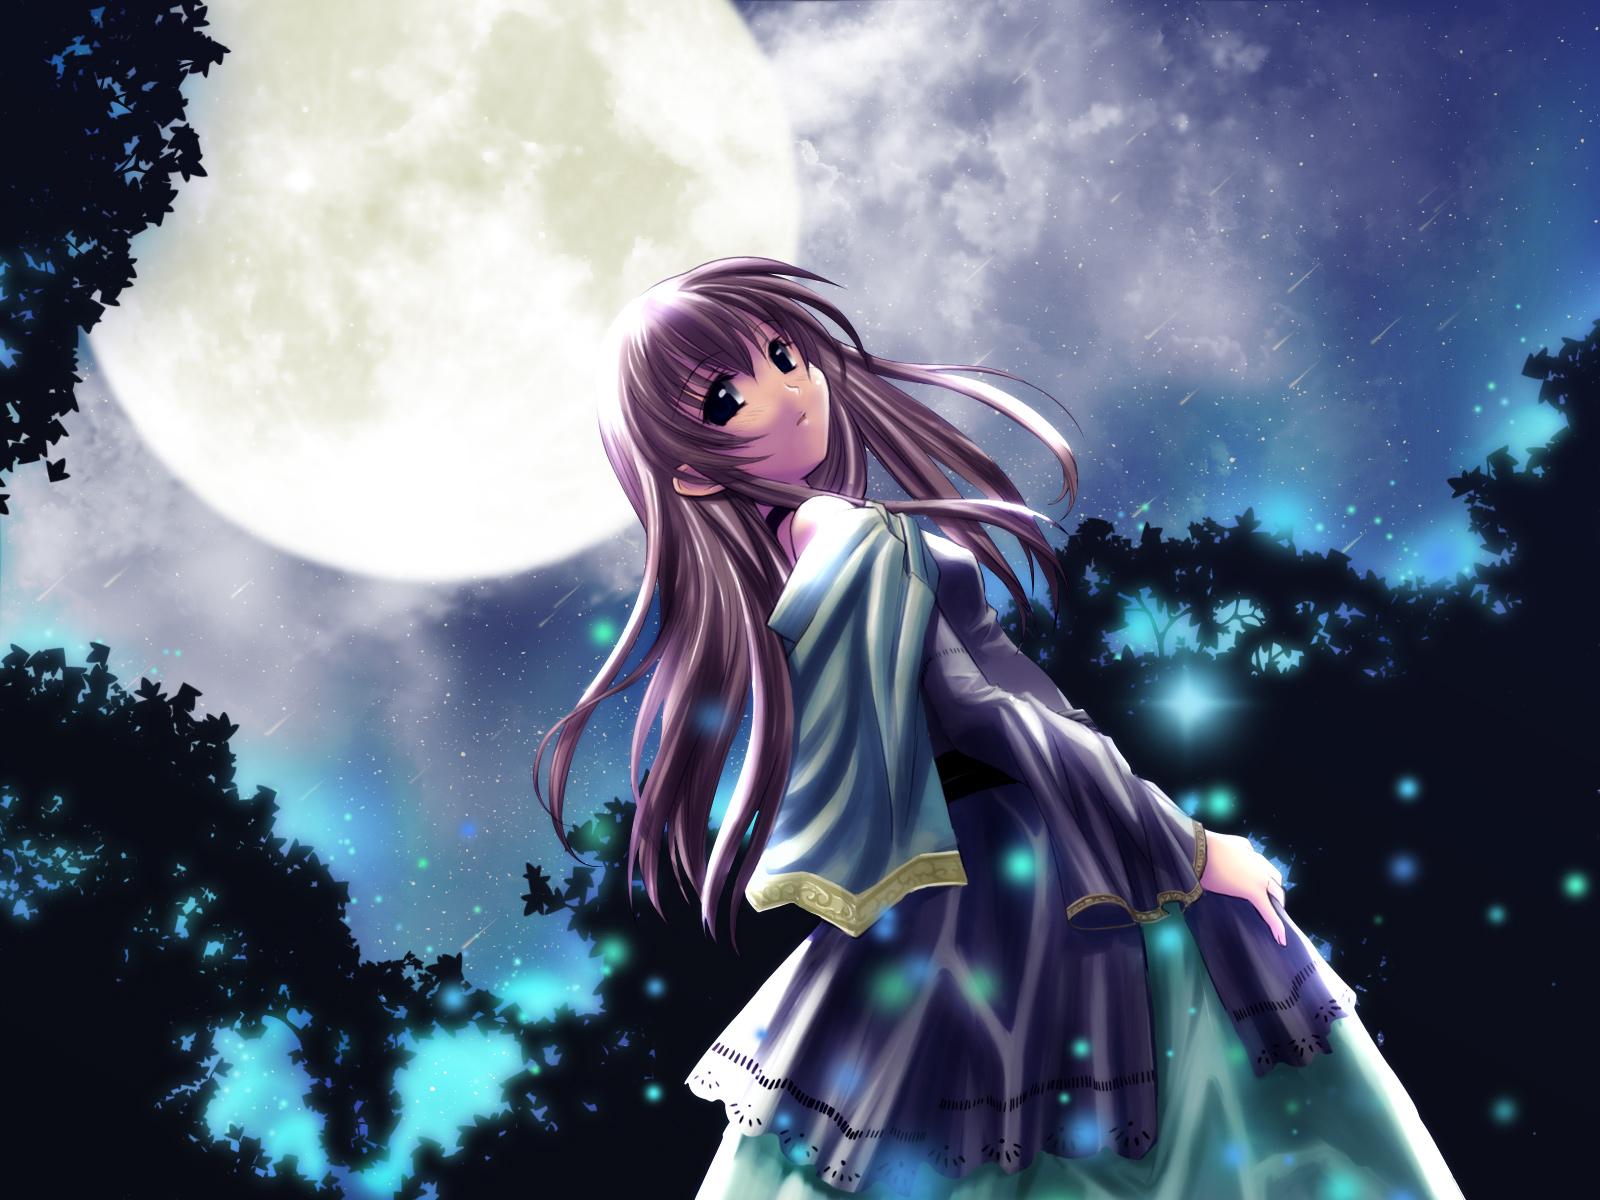 Anime Cute Wallpaper 1600x1200 Anime Cute 1600x1200